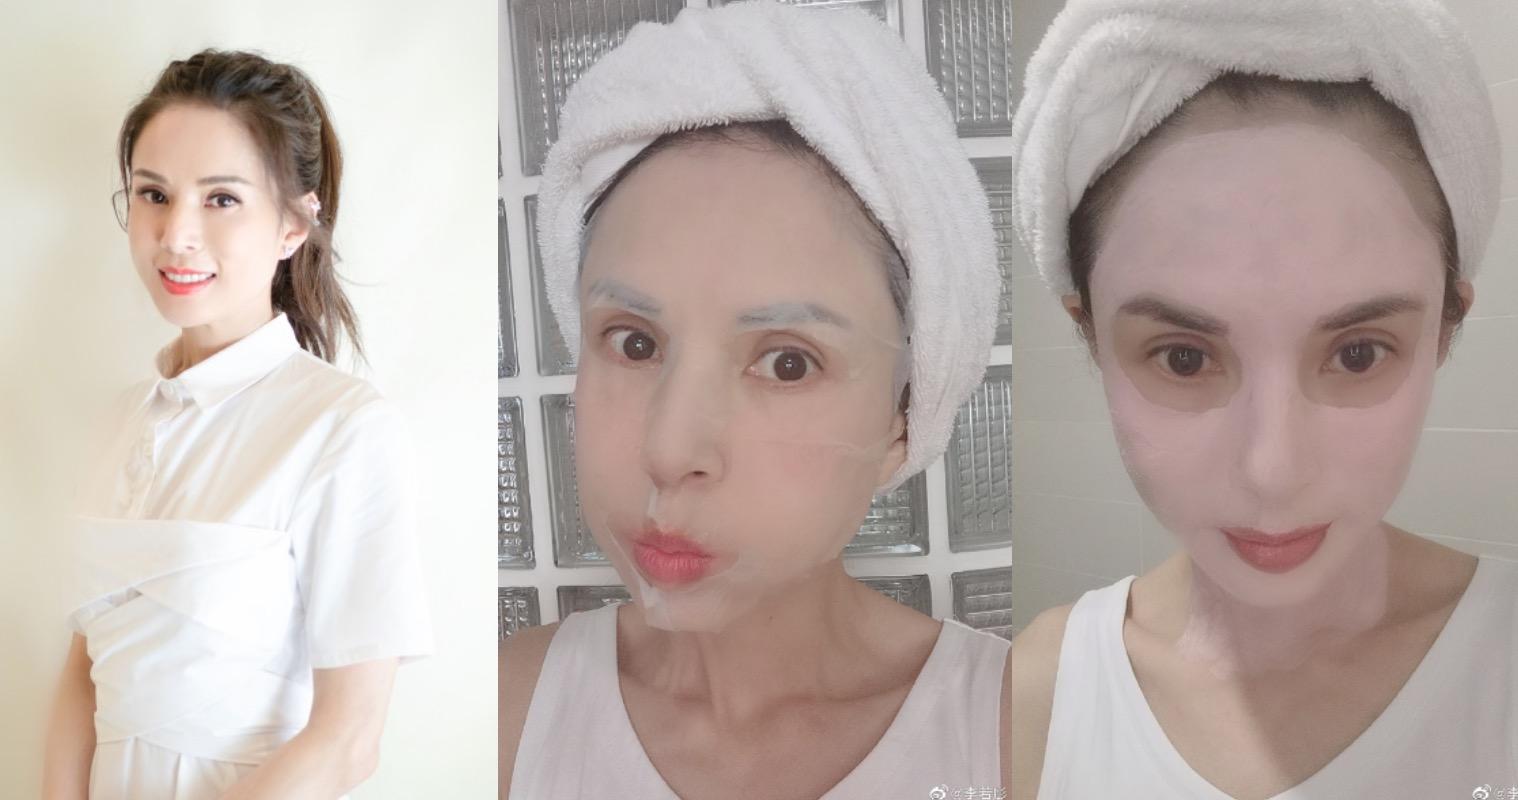 李若彤保養技巧:不老容顏除了自律還要勤擦保養品